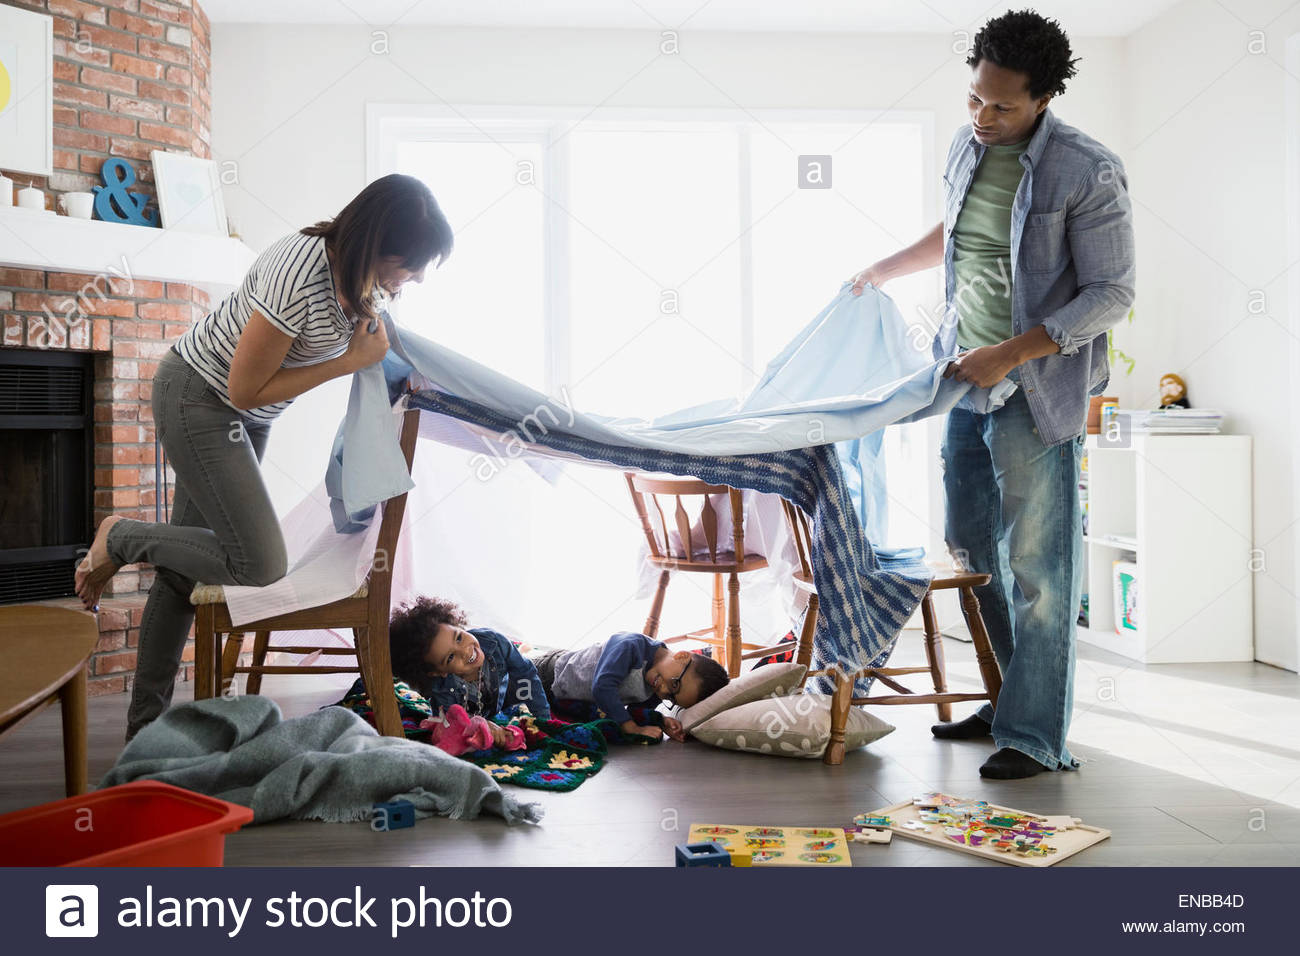 Los padres crear fort sobre niños dormidos Imagen De Stock